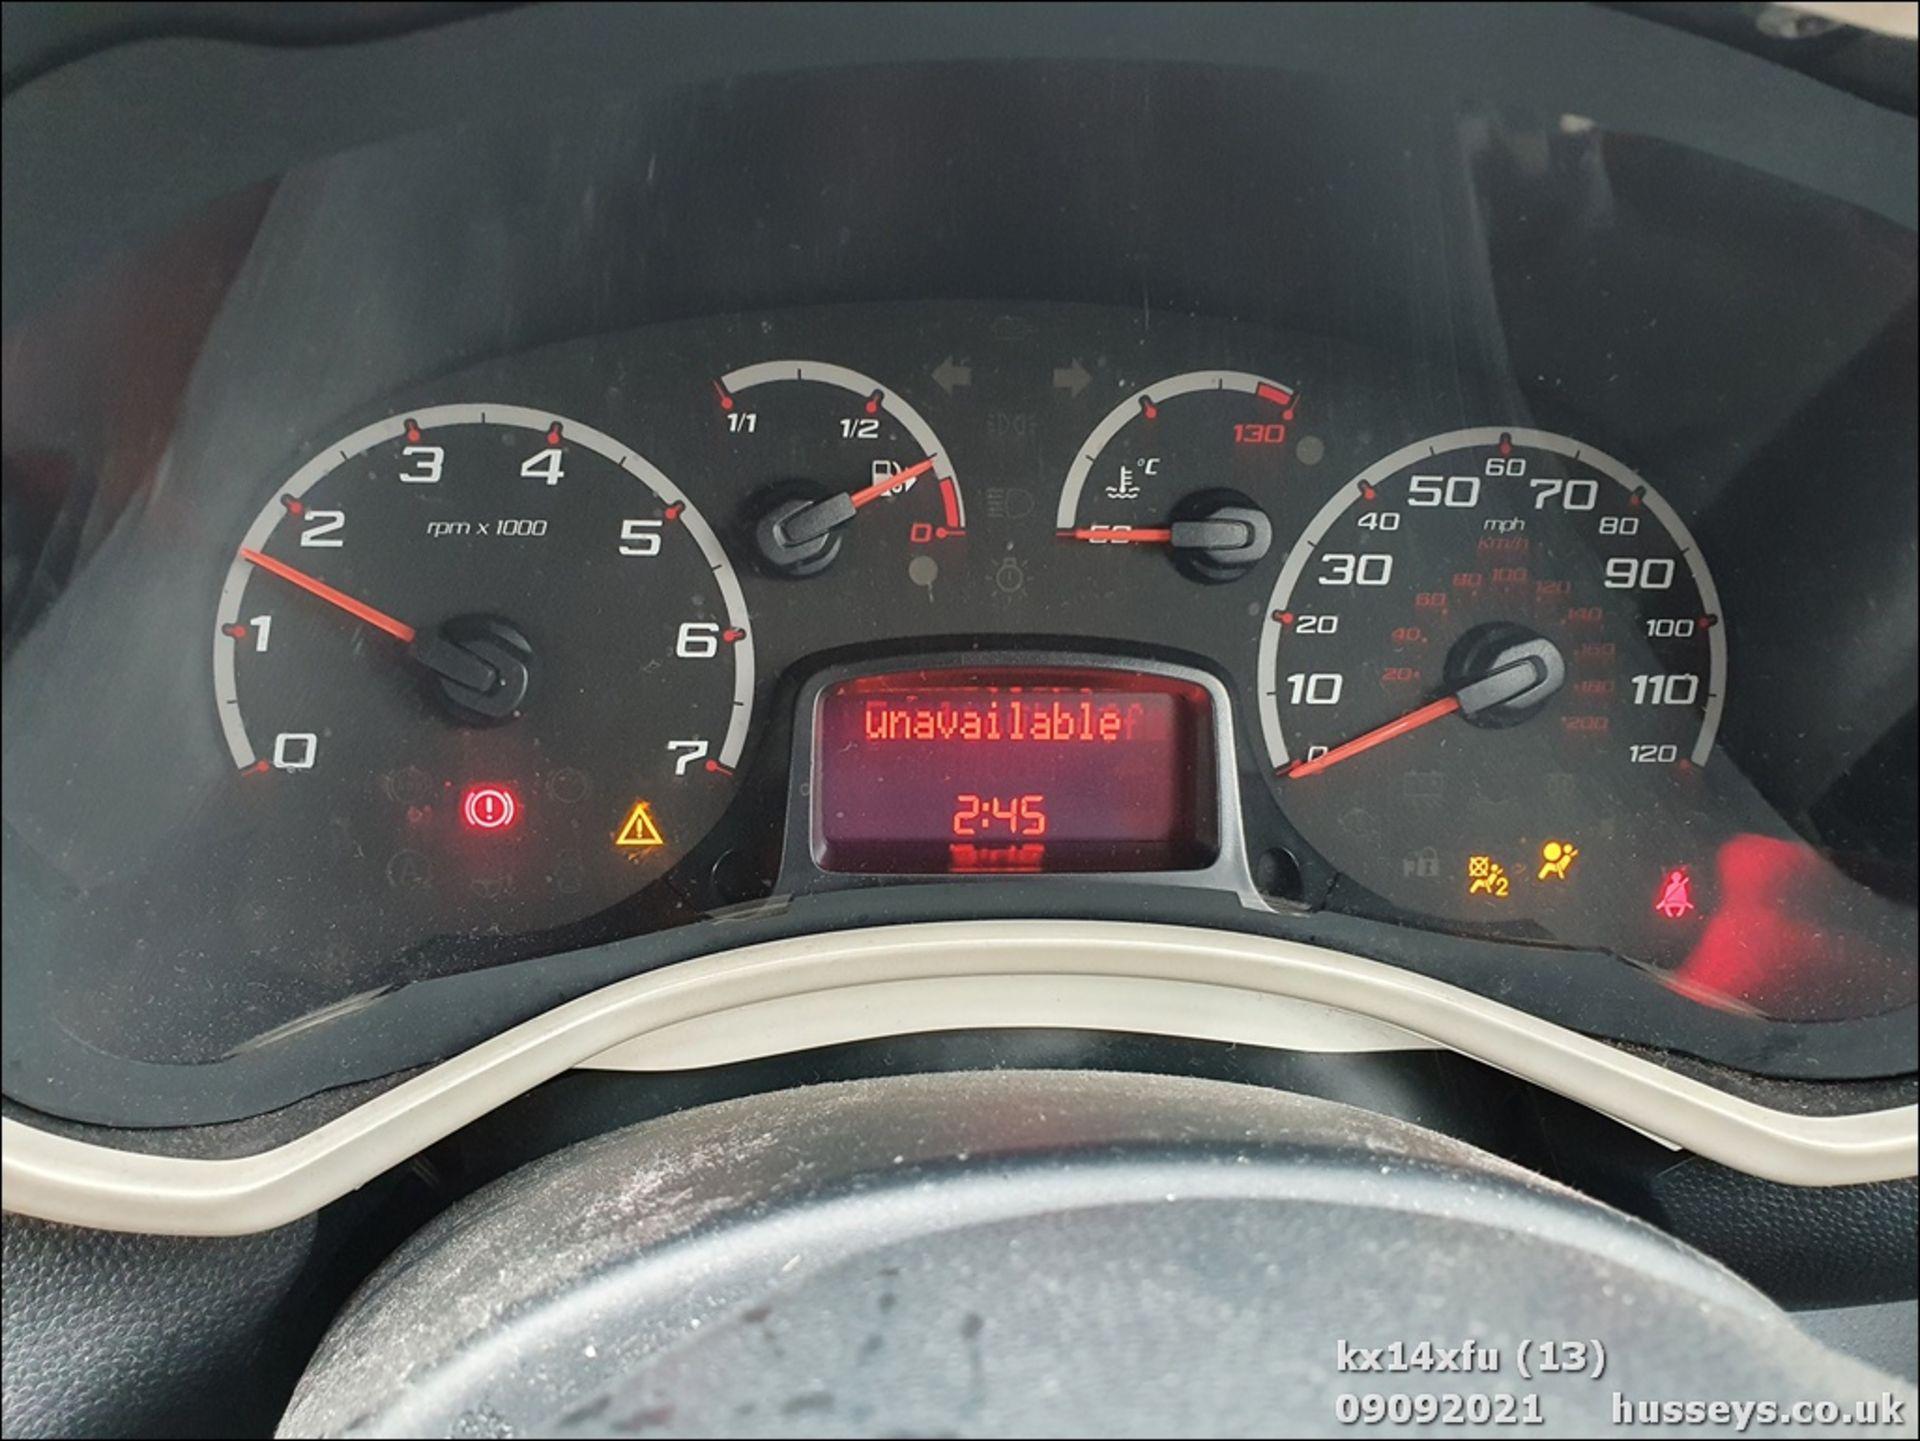 14/14 FORD KA ZETEC - 1242cc 3dr Hatchback (Red) - Image 13 of 17